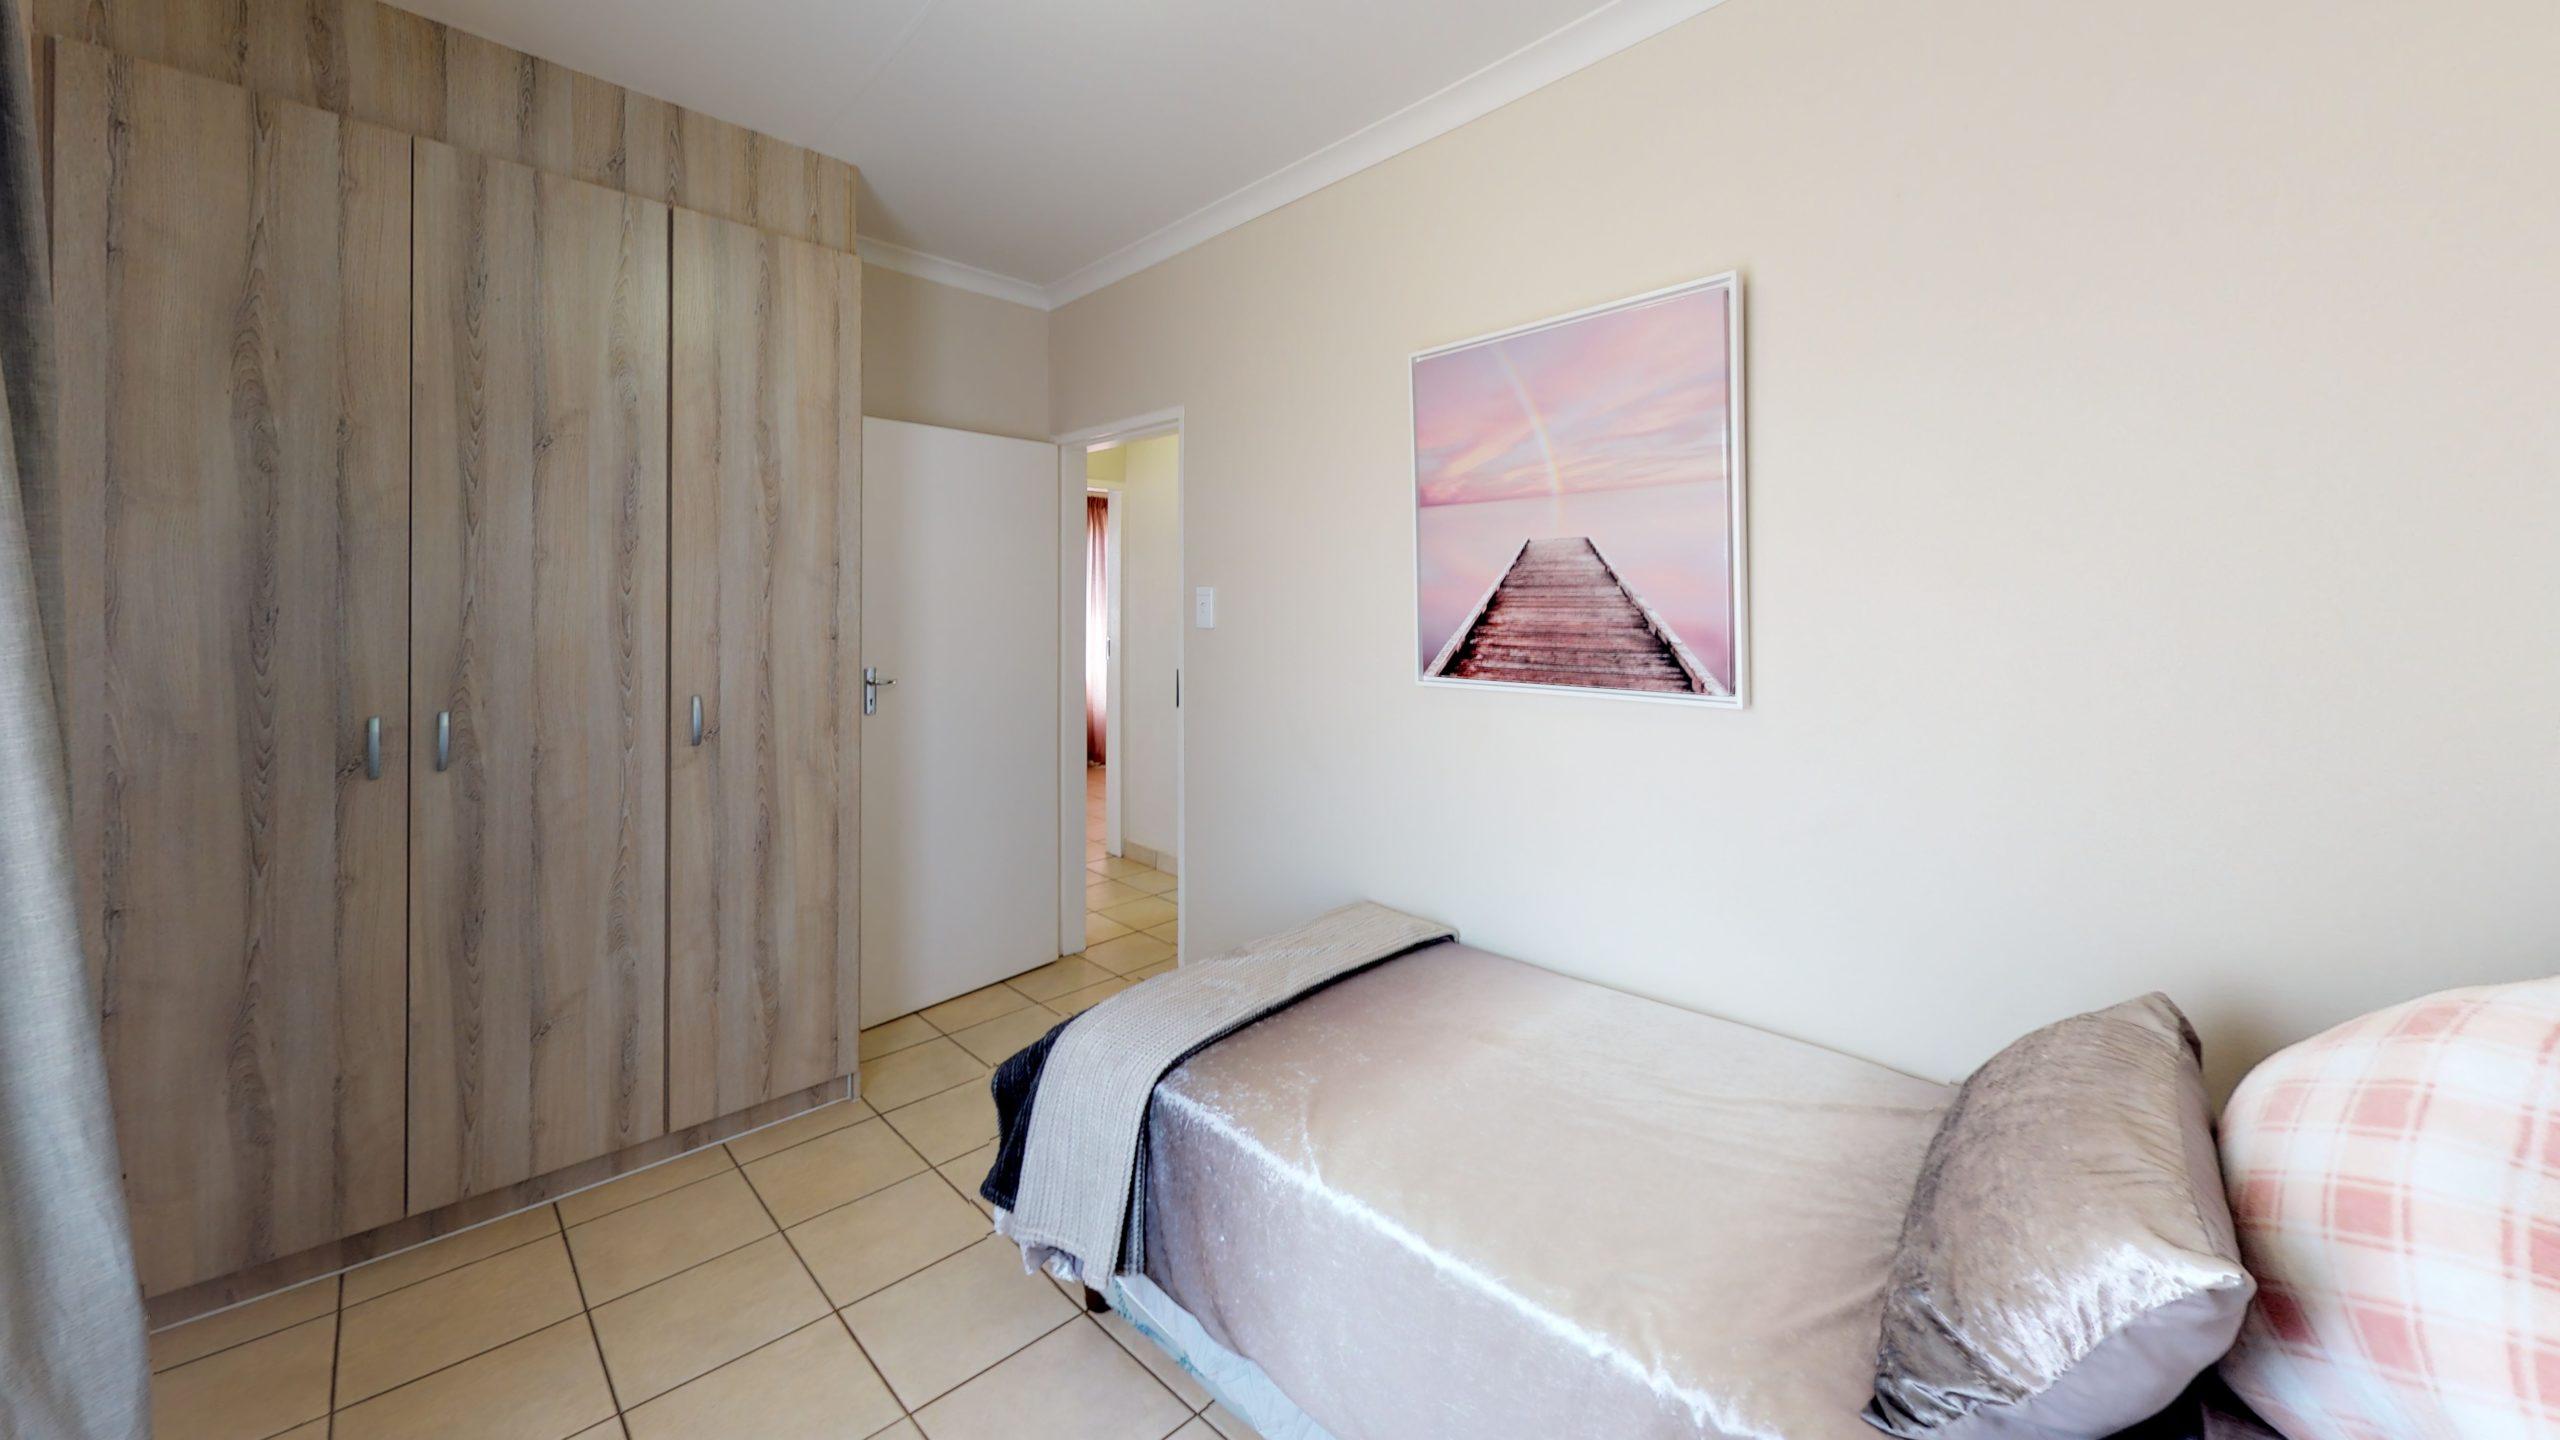 Sky City, Homes for Sale in Alberton, Gauteng - Bedroom